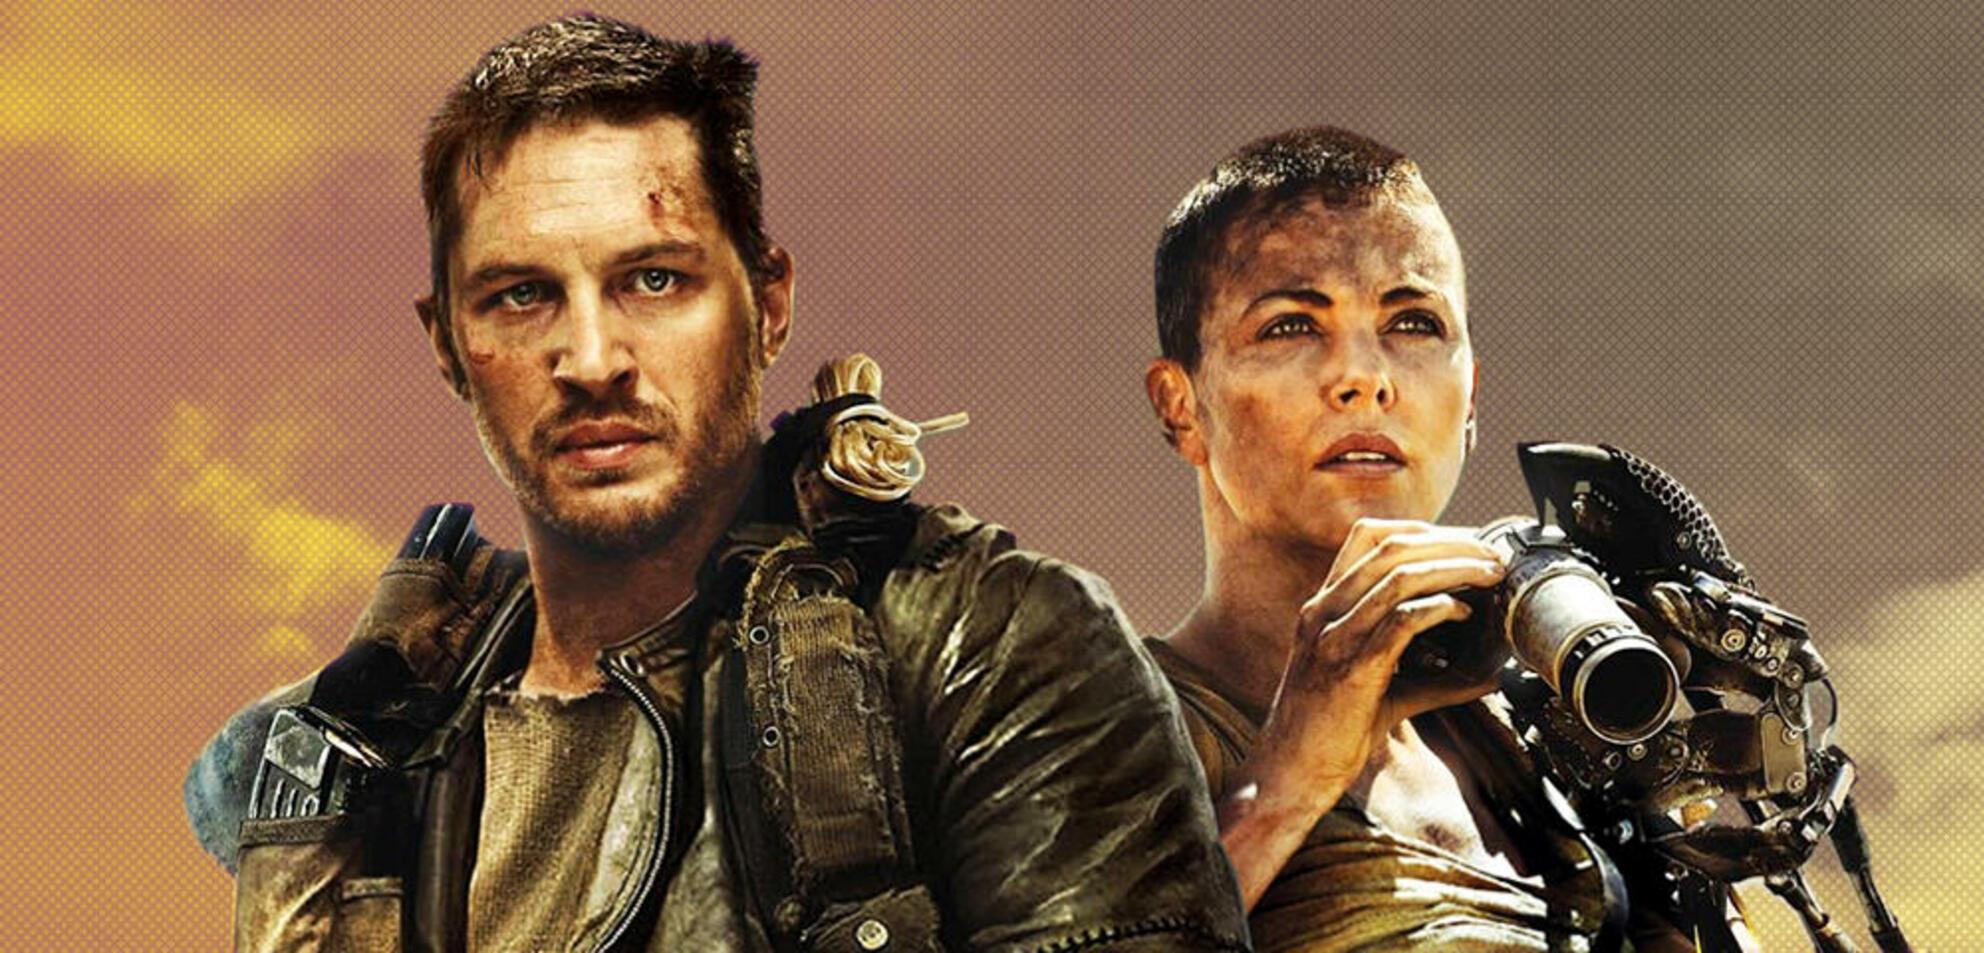 Hihetetlen és szürrealisztikus, de megvan az új Mad Max film mozipremierje!